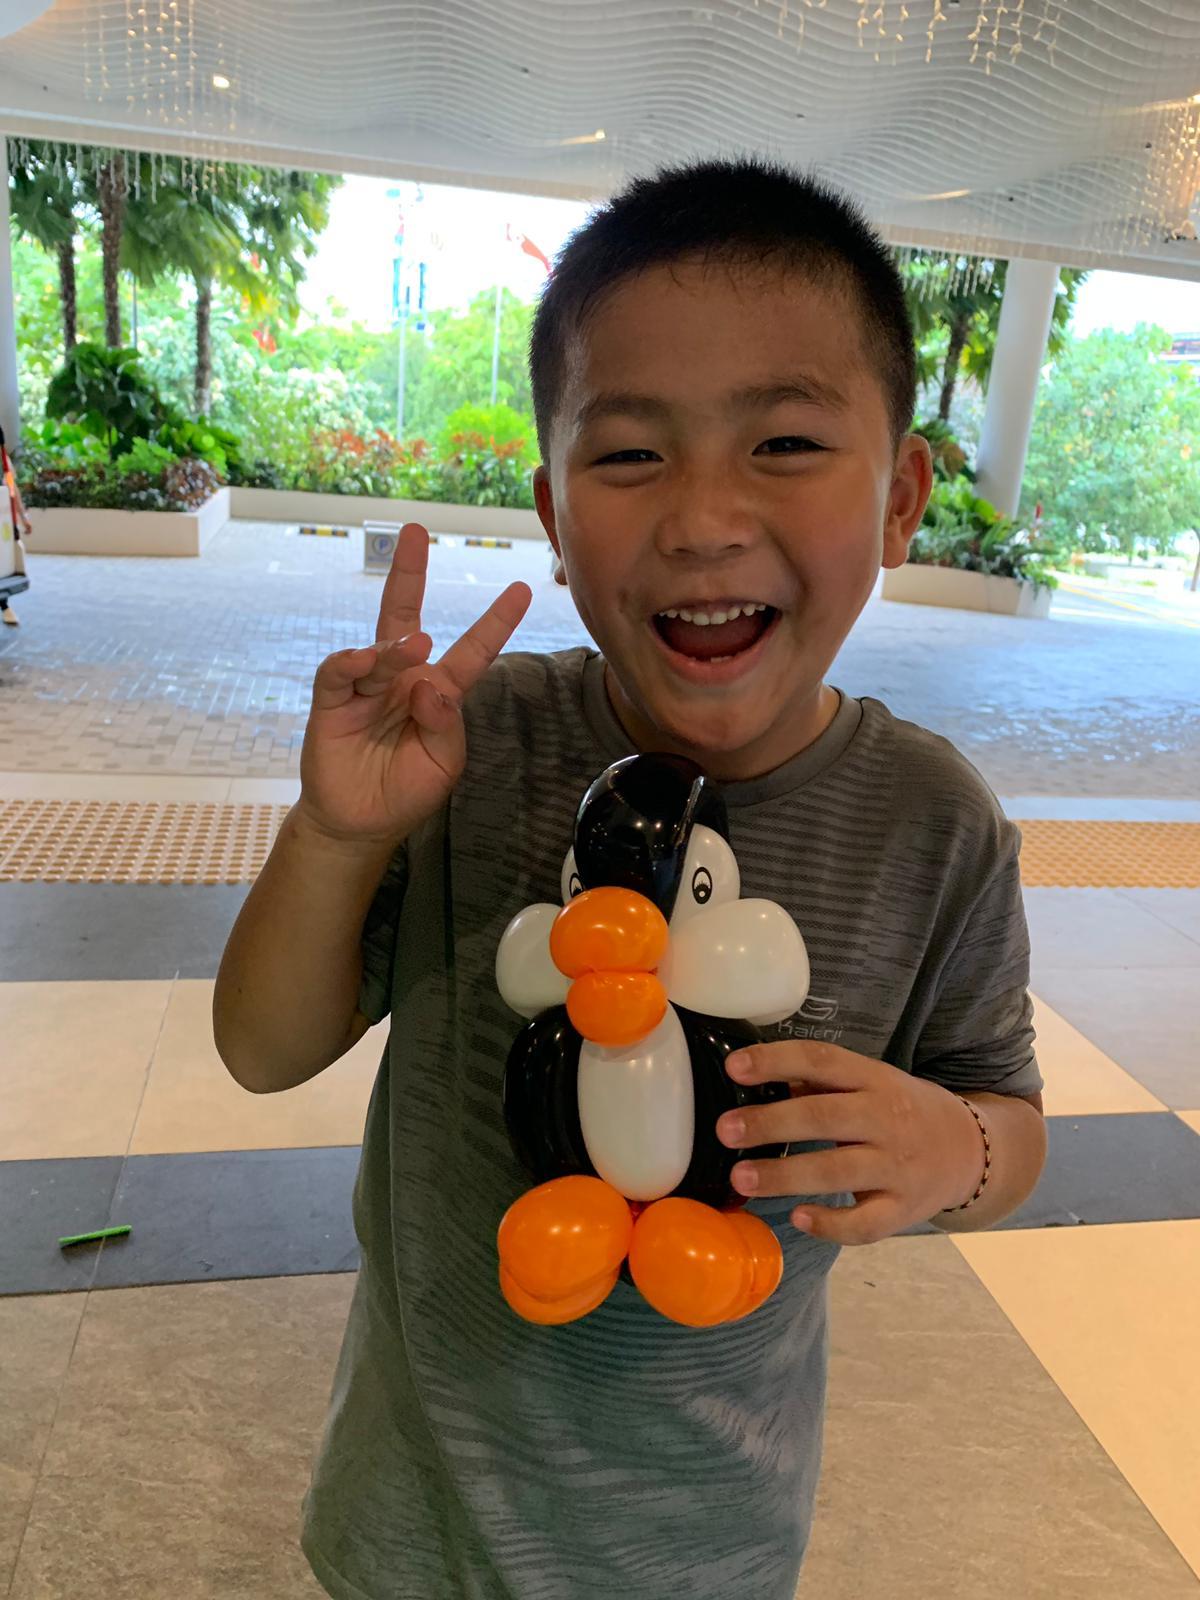 Small Balloon Penguin Sculpture